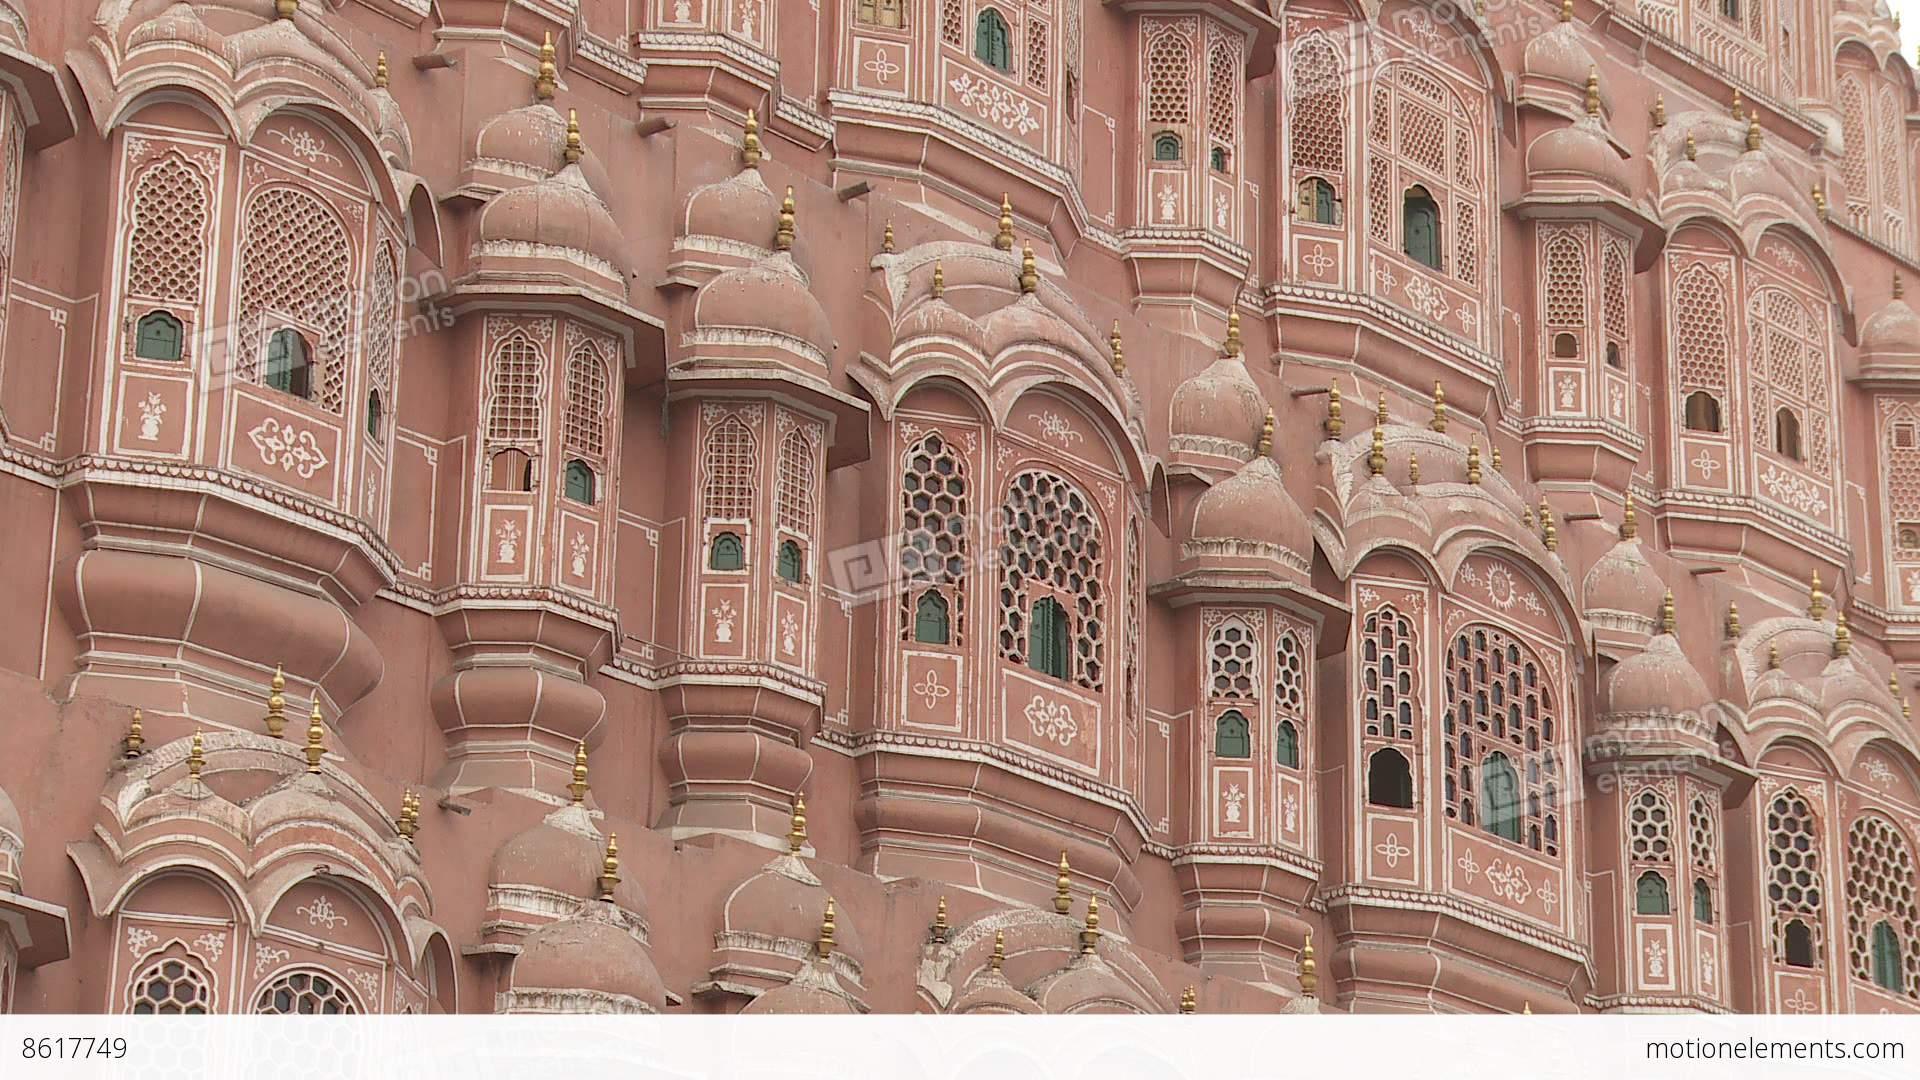 Hawa Mahal Hd Images: Hawa Mahal Jaipur India Stock Video Footage